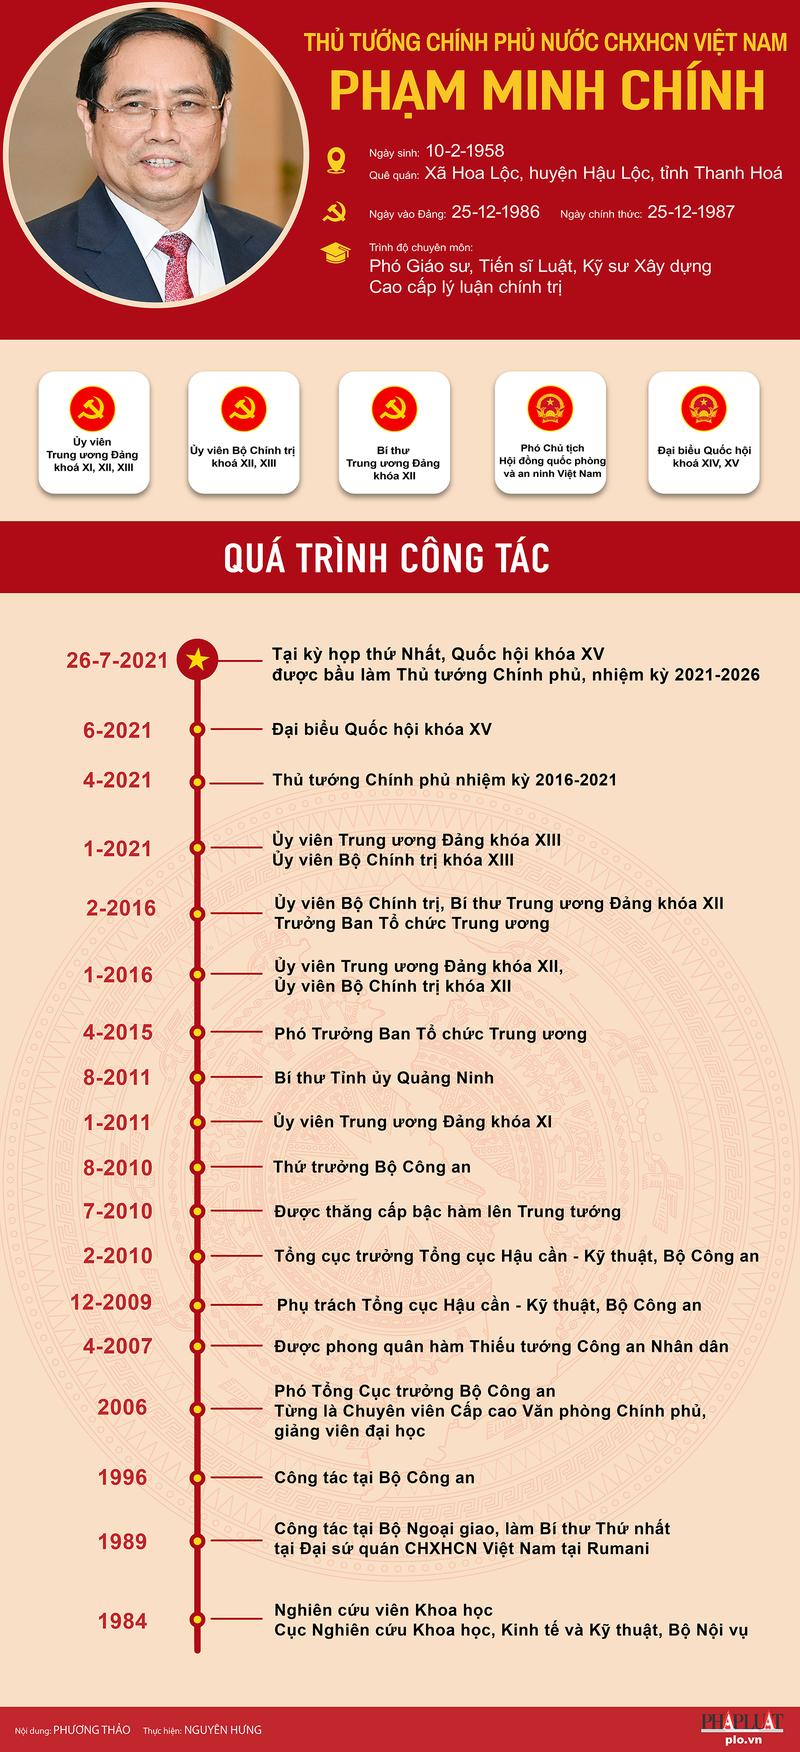 Ông Phạm Minh Chính tái đắc cử Thủ tướng Chính phủ - ảnh 3